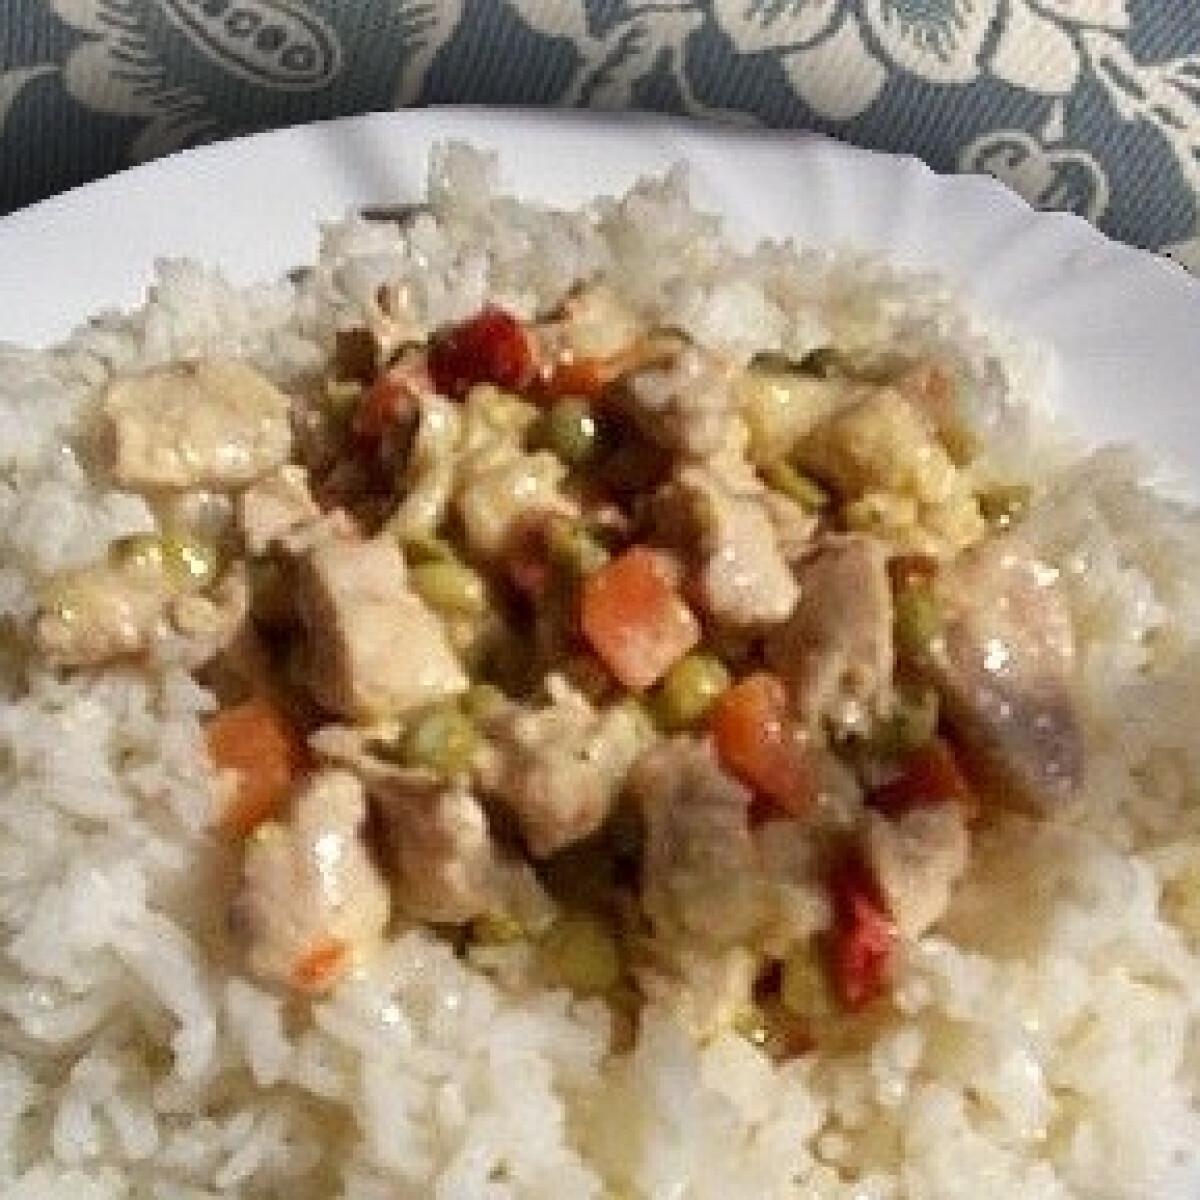 Rokfortos-zöldséges pulykaragu rizságyon